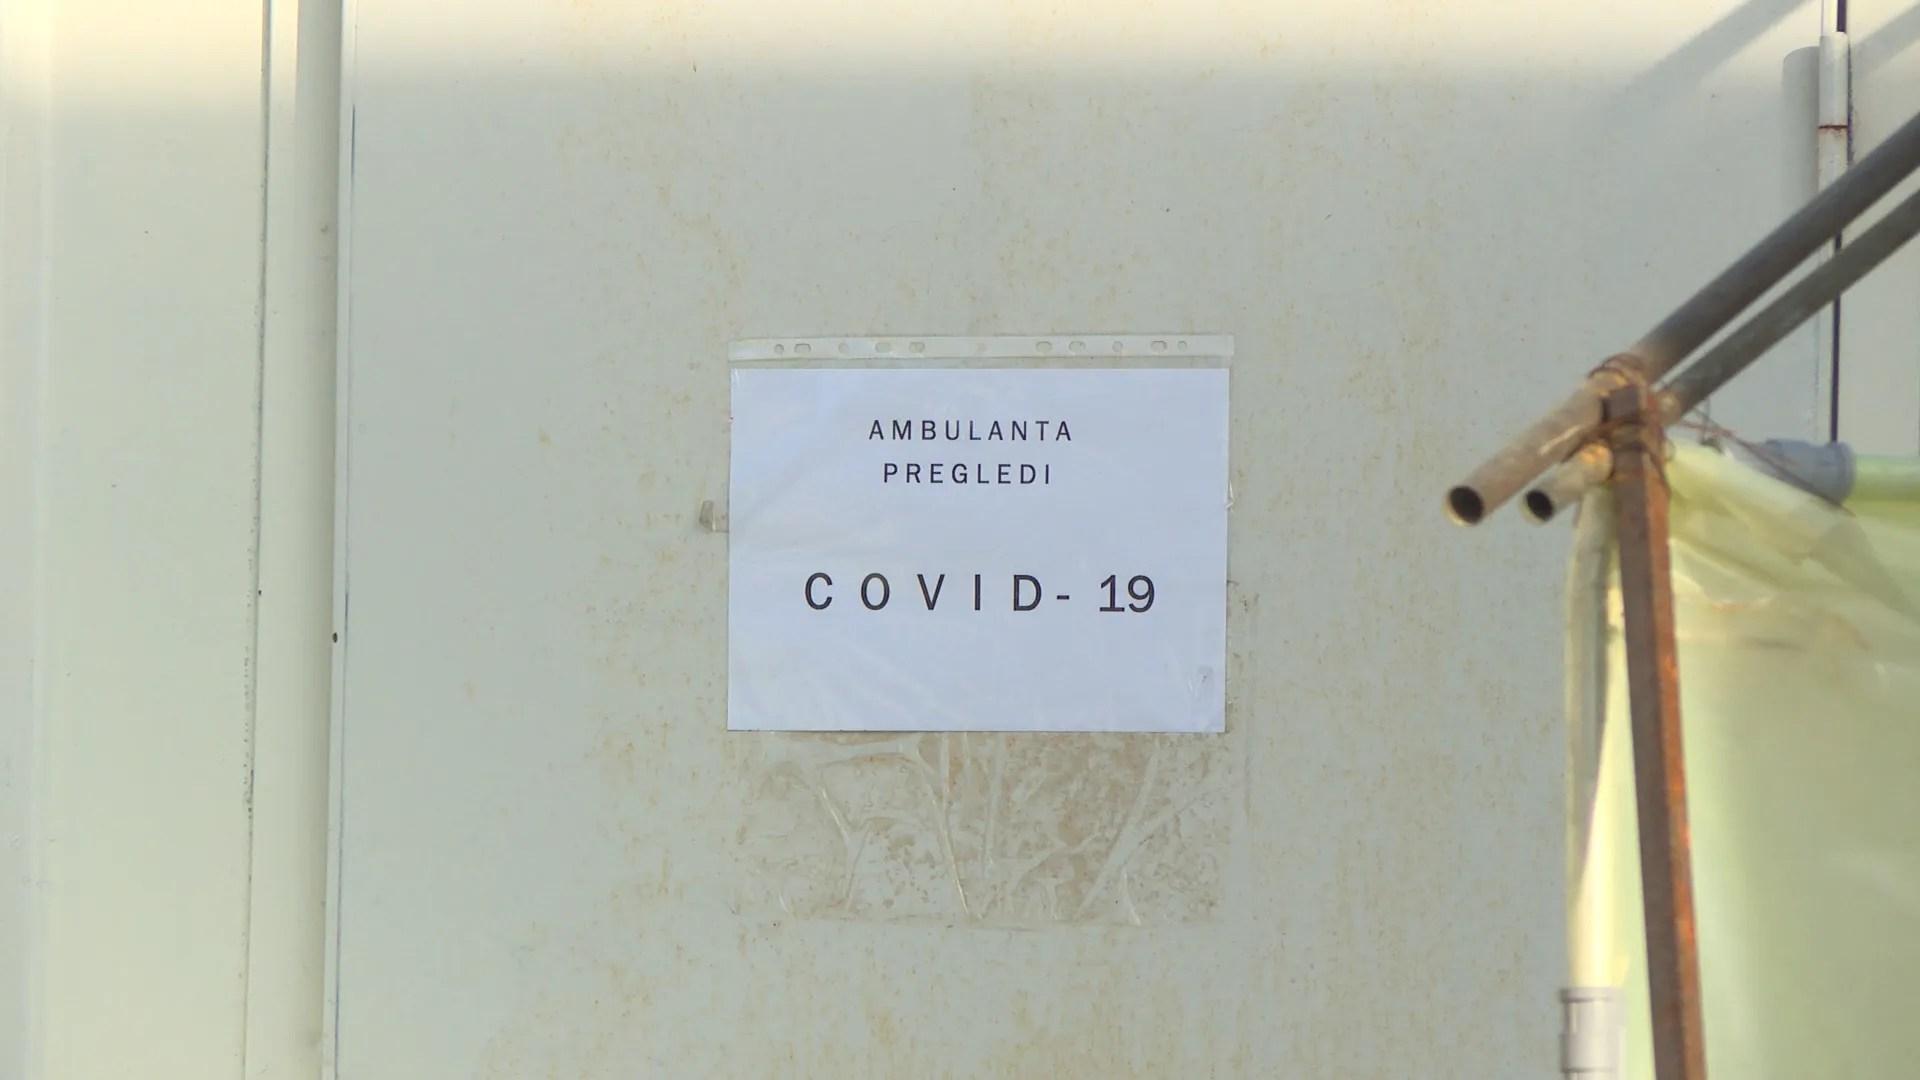 Још једна особа преминула од COVIDA-19 у српским срединама на Косову